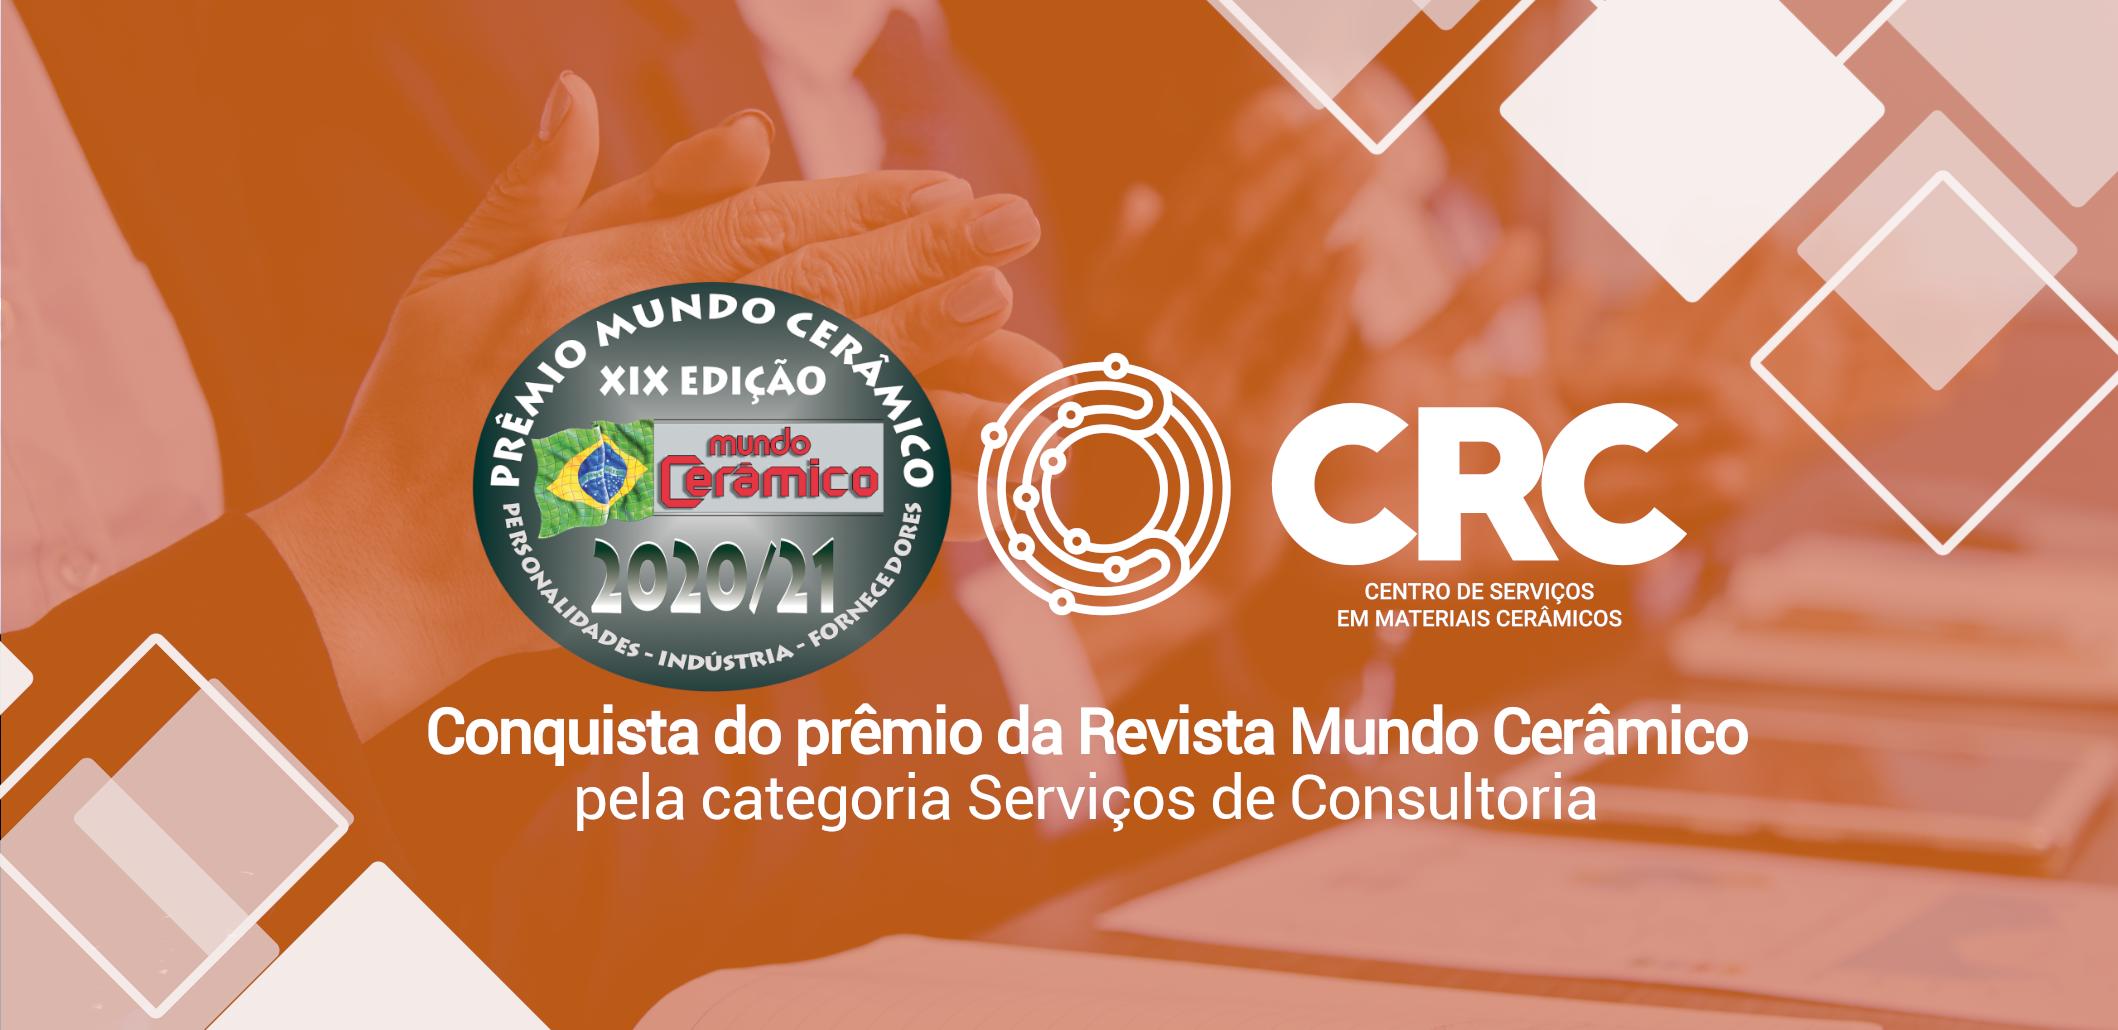 https://www.crceram.com.br/crc-conquista-o-premio-de-fornecedor-do-ano/